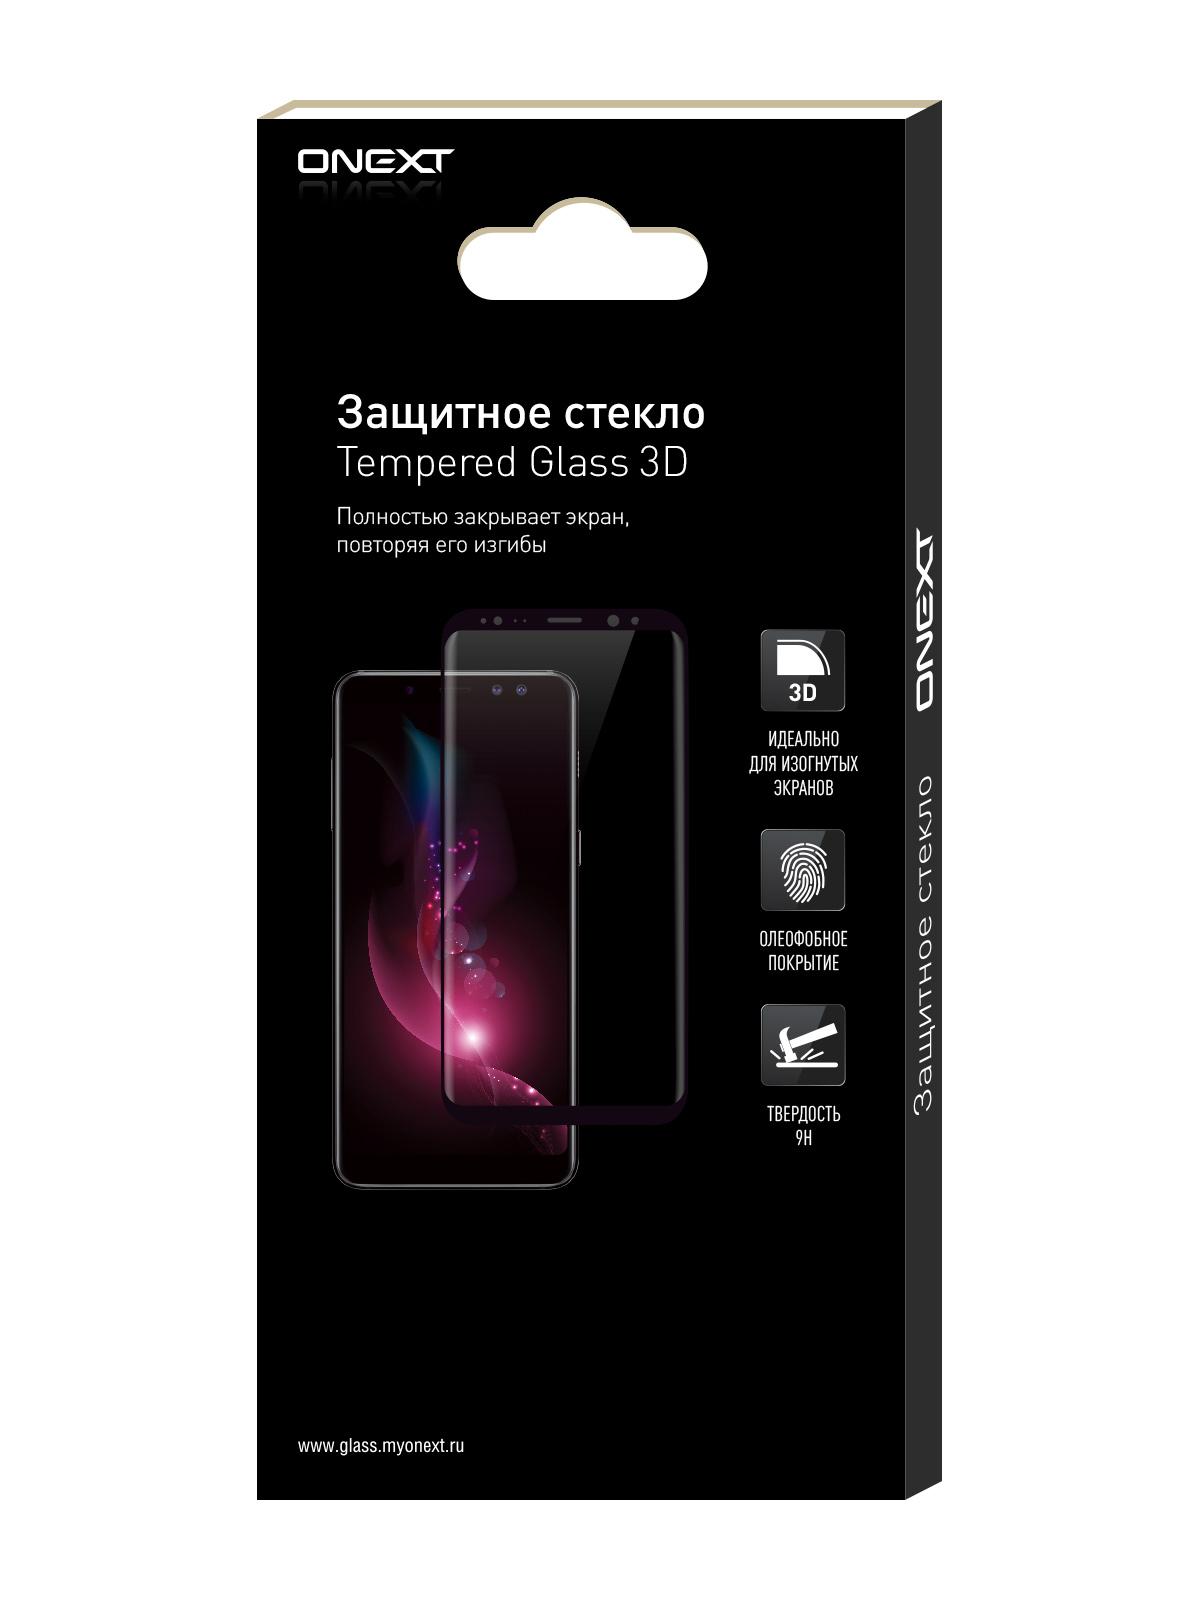 Защитное стекло ONEXT для Nokia 2.1 White